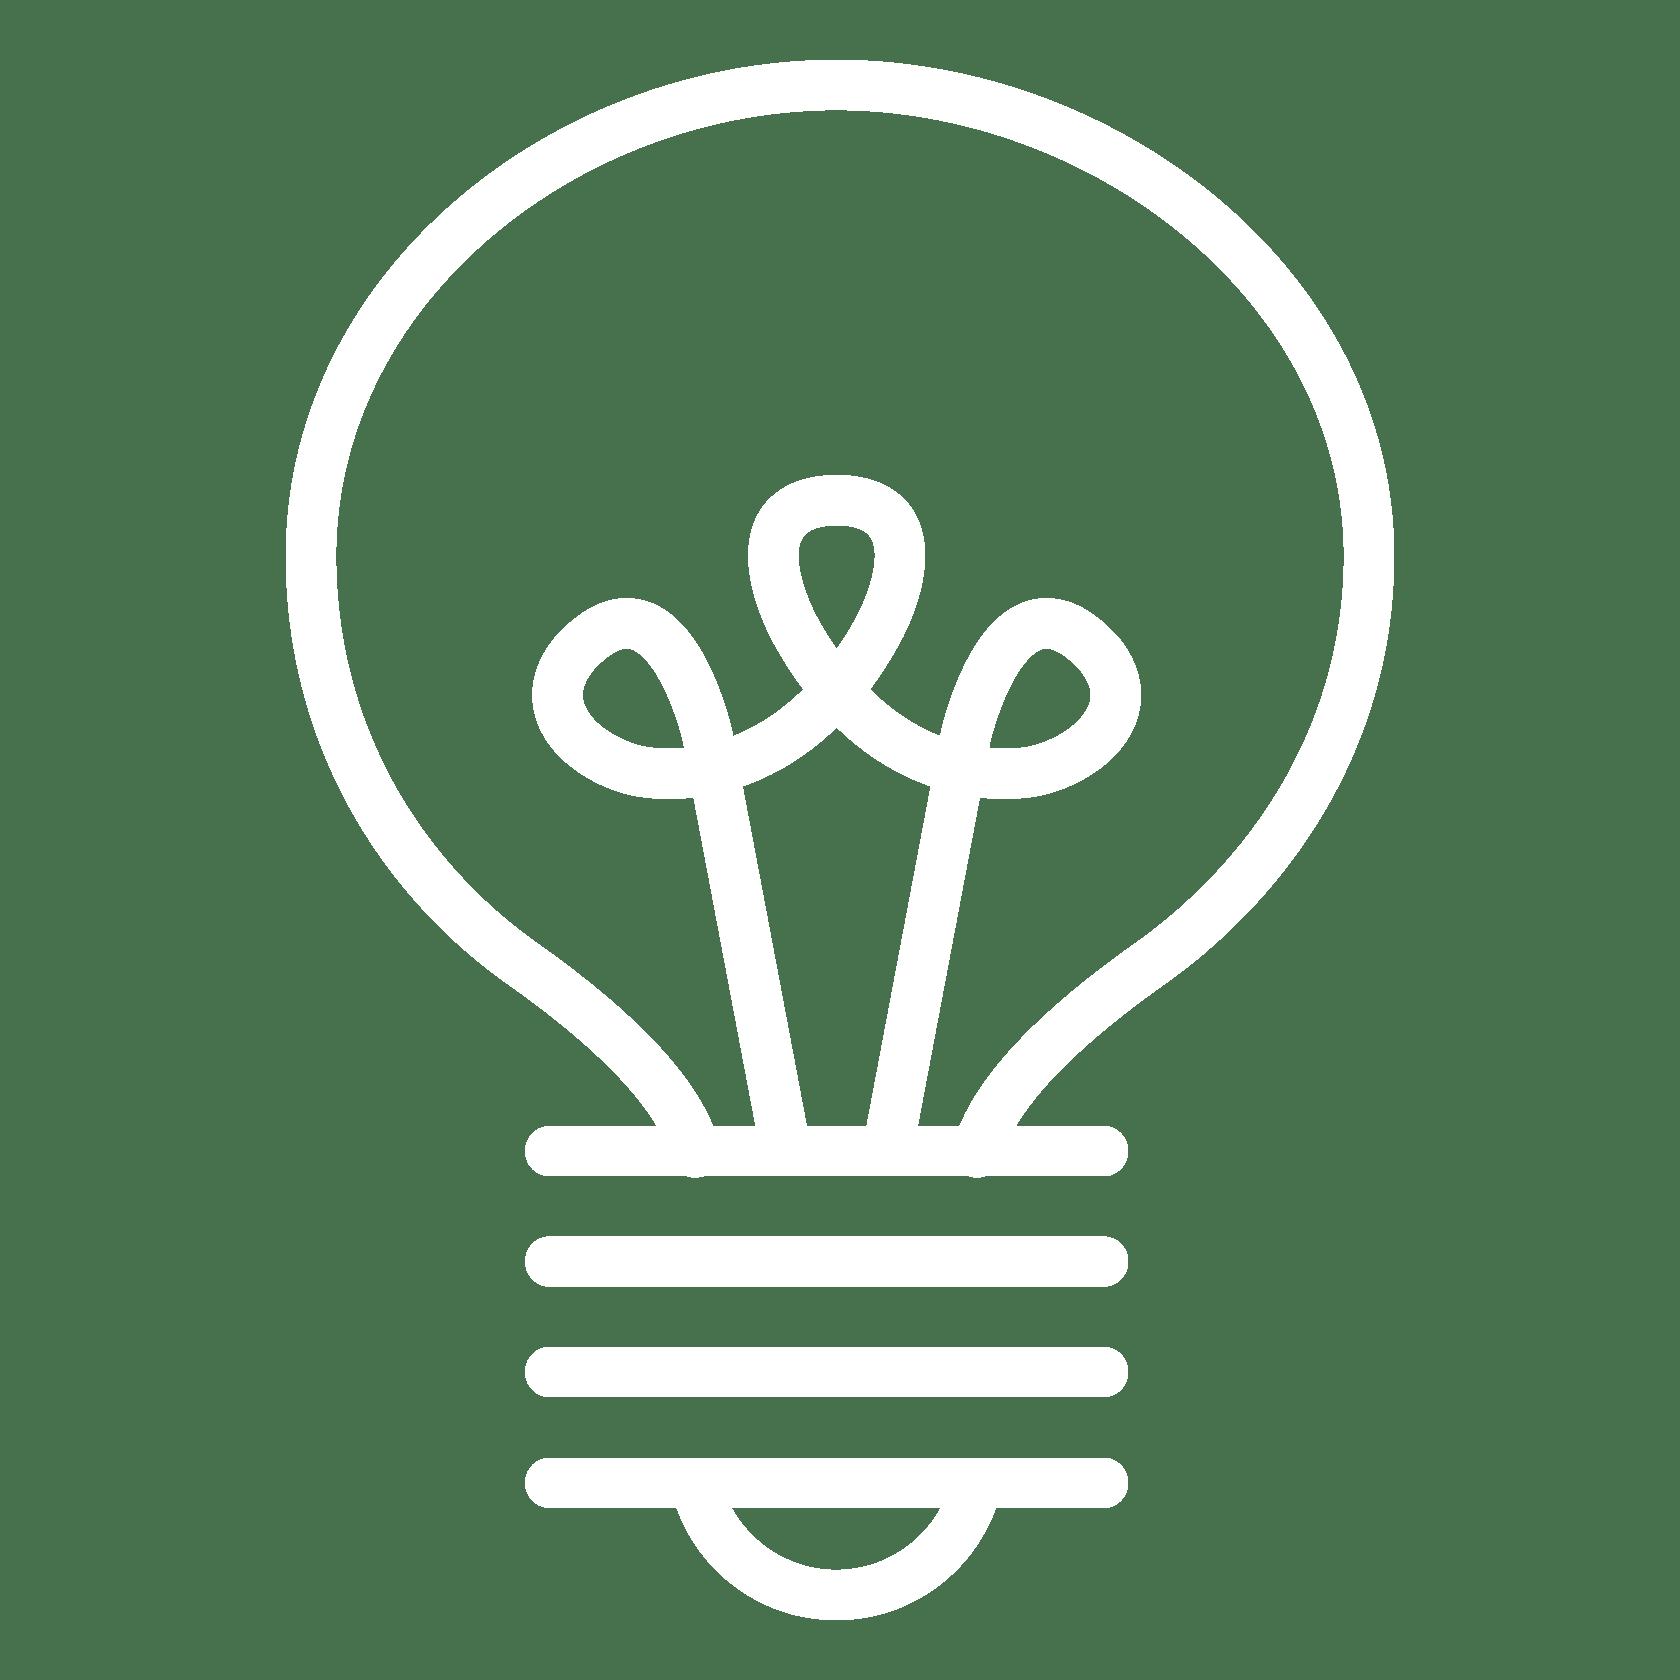 orbit-idea